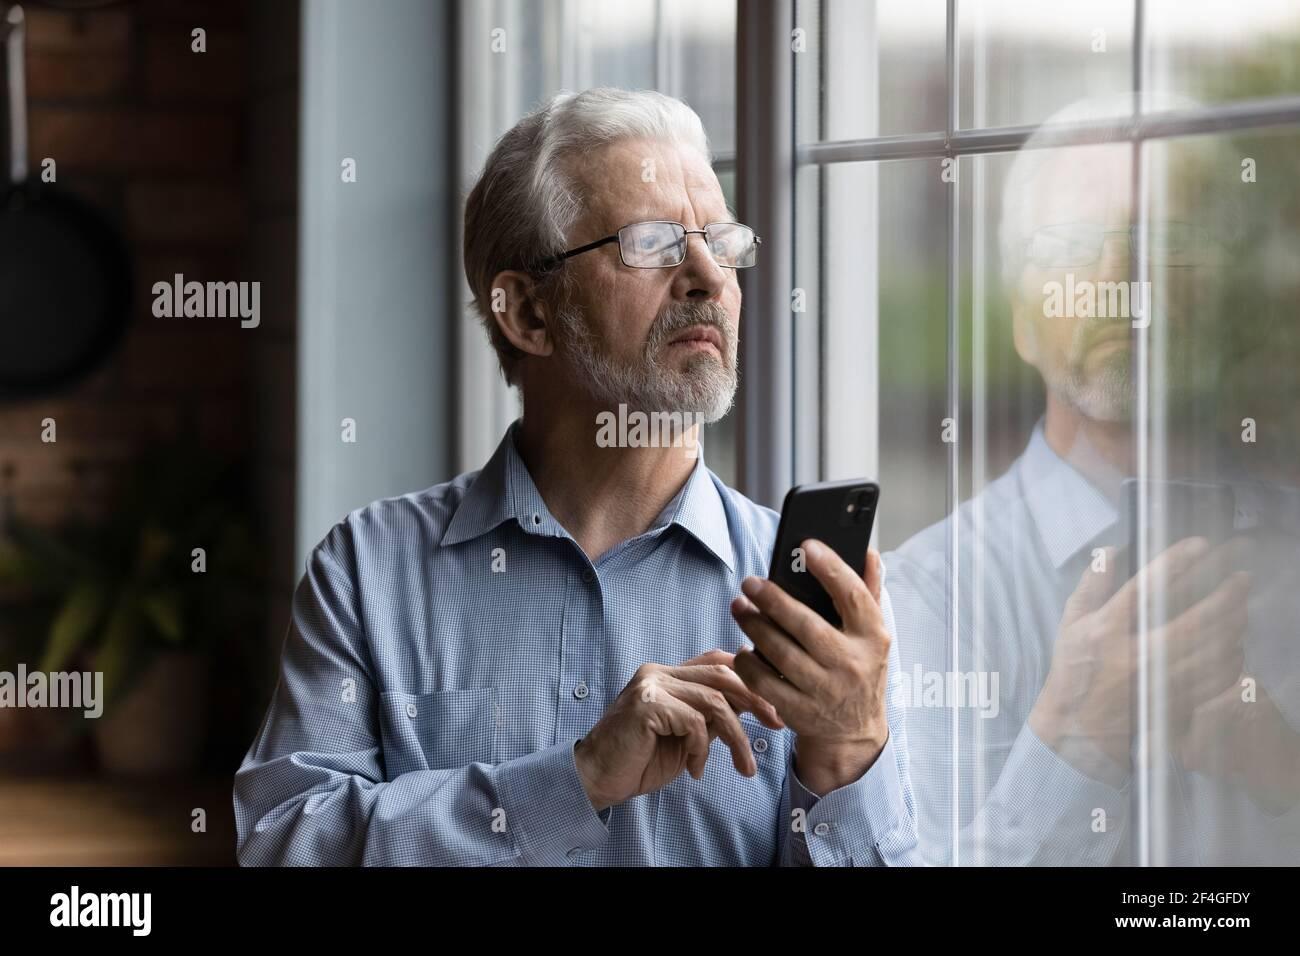 Un hombre mayor preocupado mira a la ventana de espera teléfono hacer llamada Foto de stock